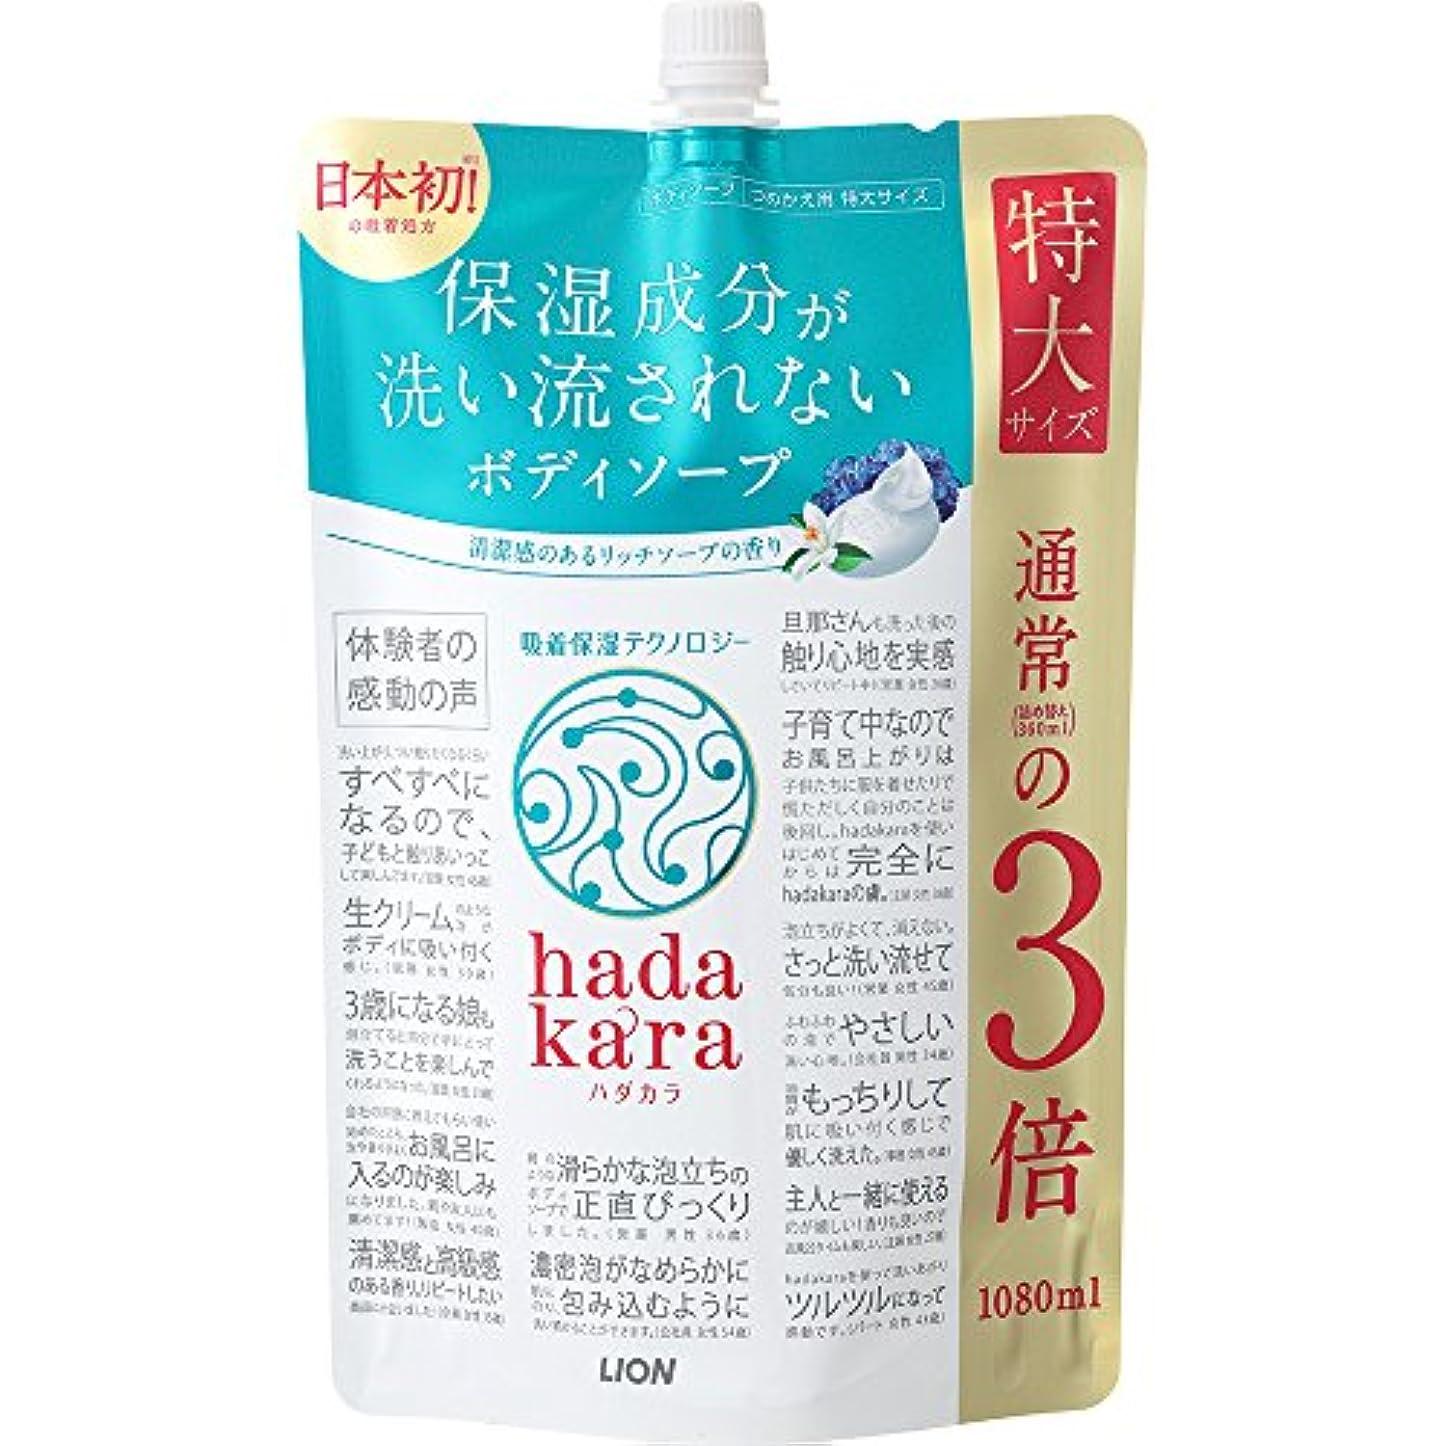 ストローク等価ことわざ【大容量】hadakara(ハダカラ) ボディソープ リッチソープの香り 詰め替え 特大 1080ml